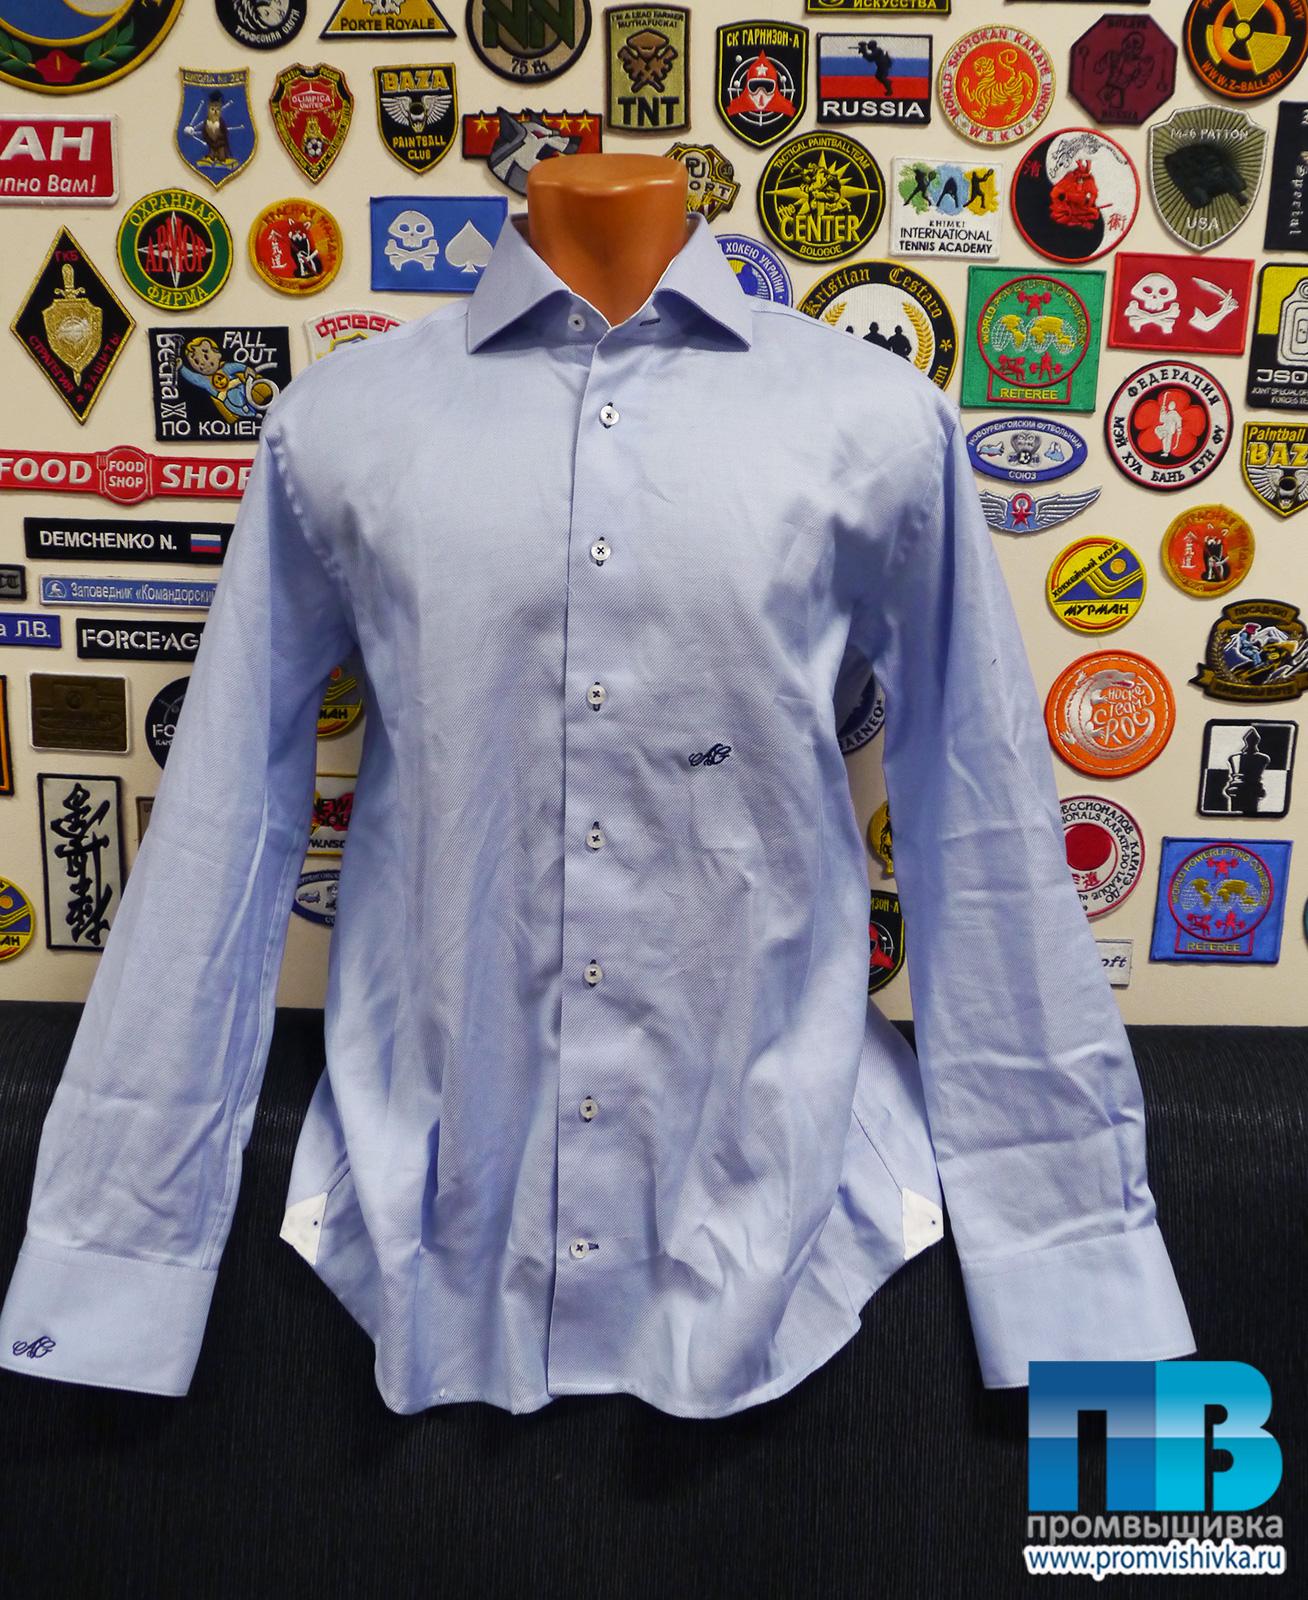 Вышивка на рубашке 100